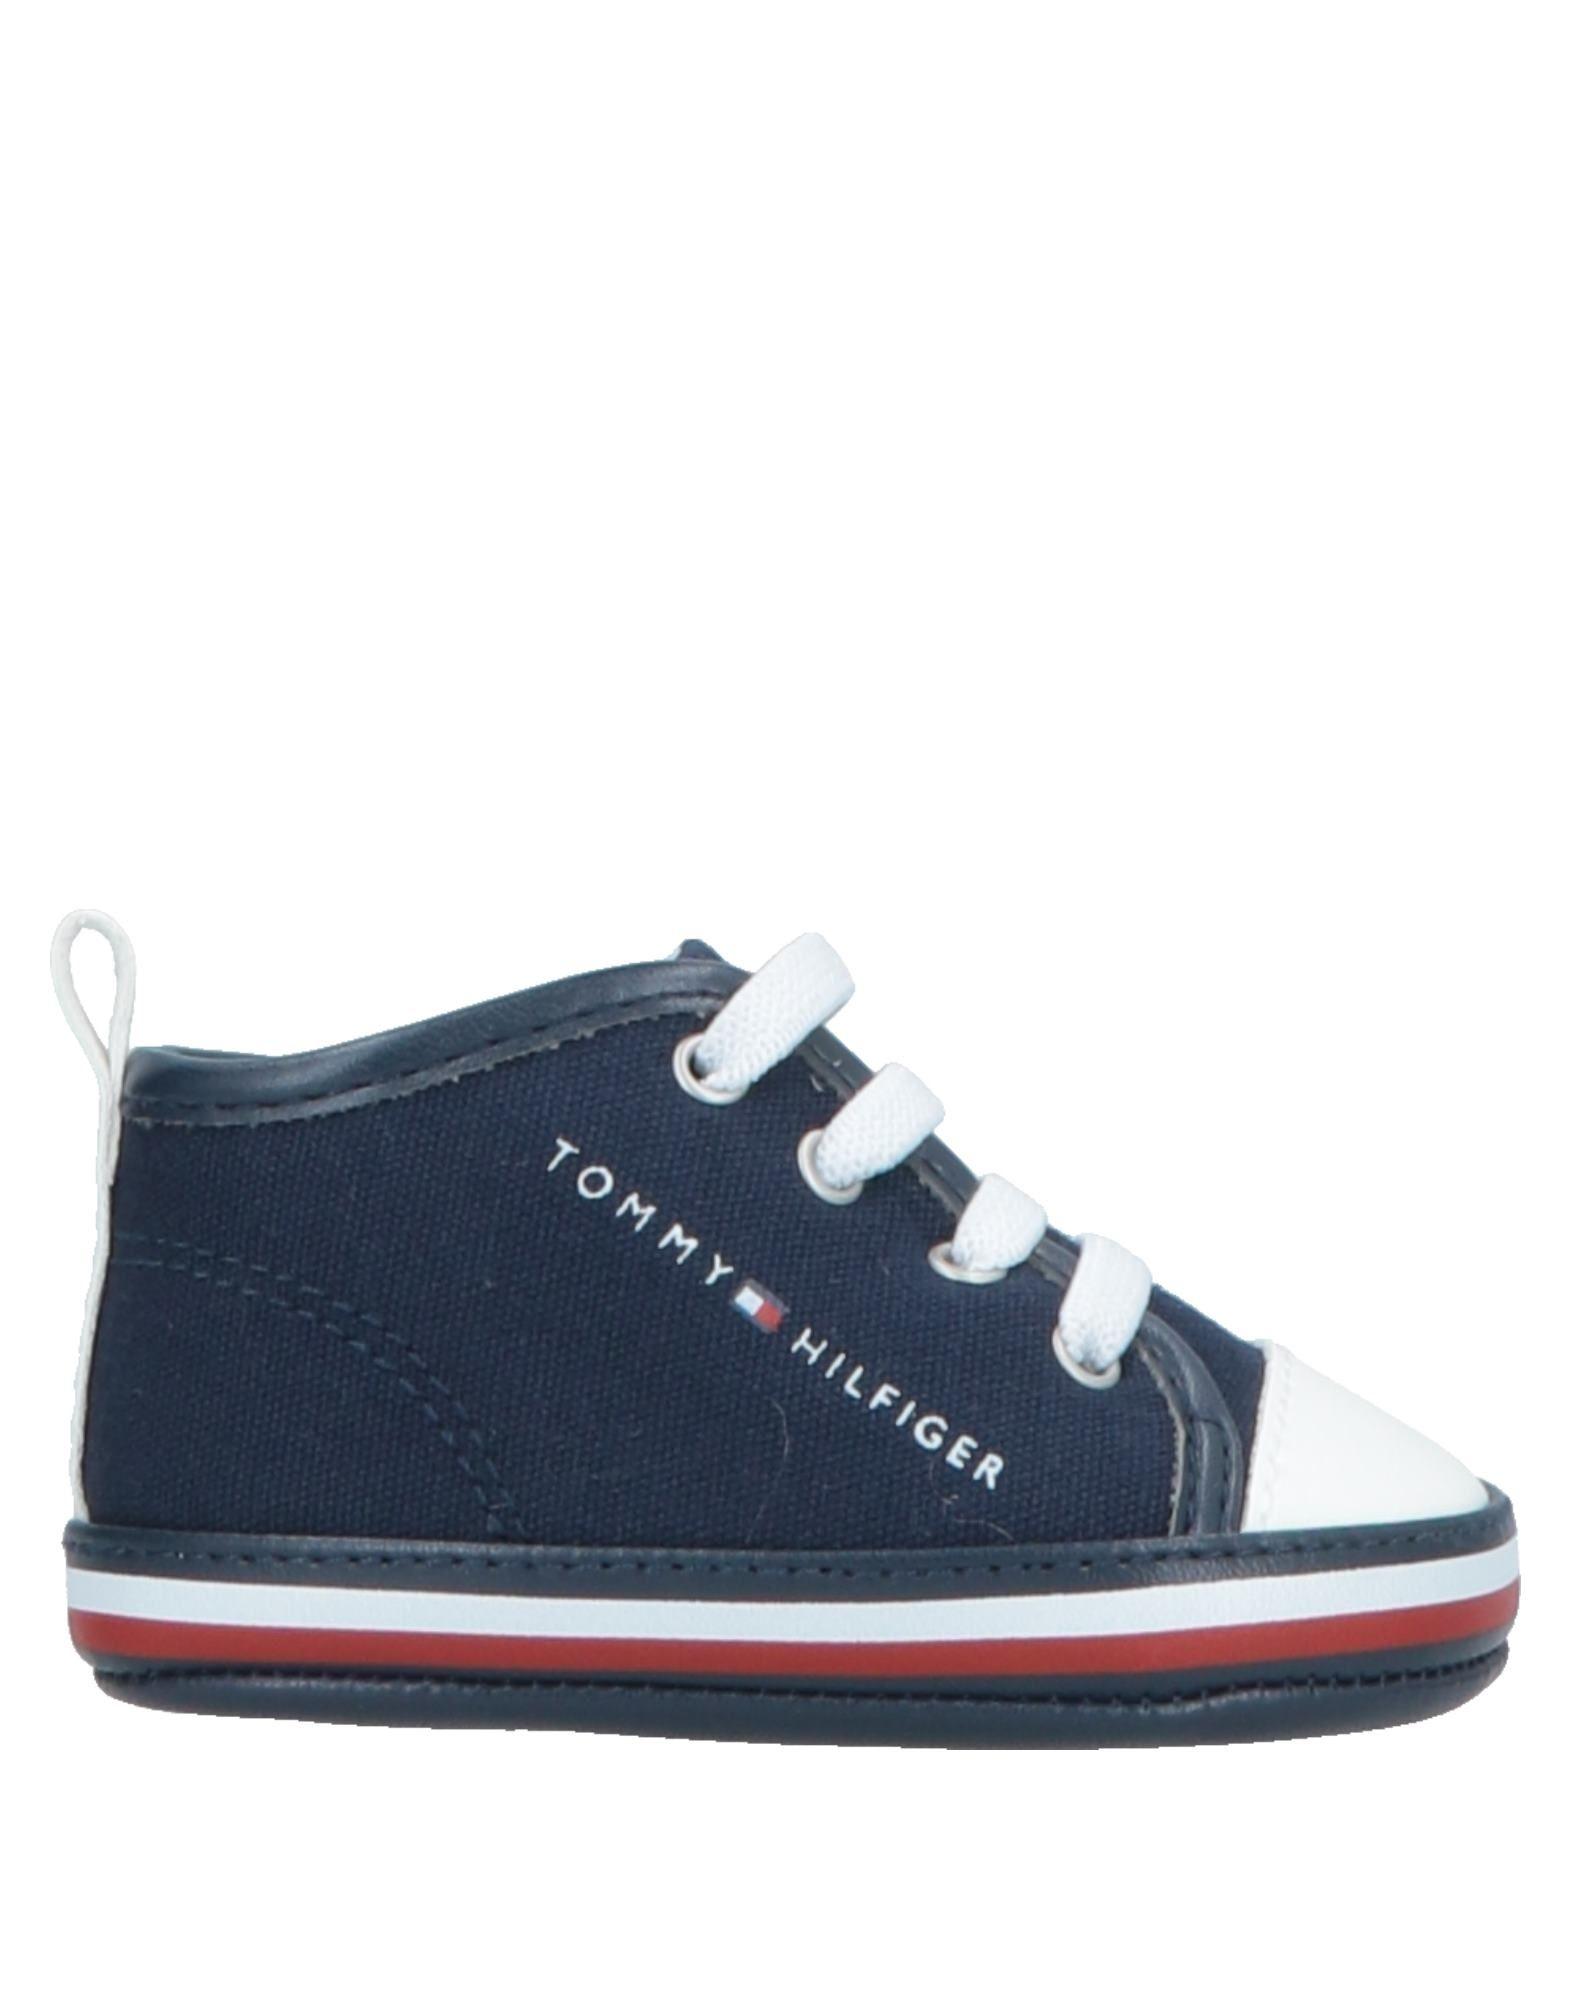 TOMMY HILFIGER Обувь для новорожденных